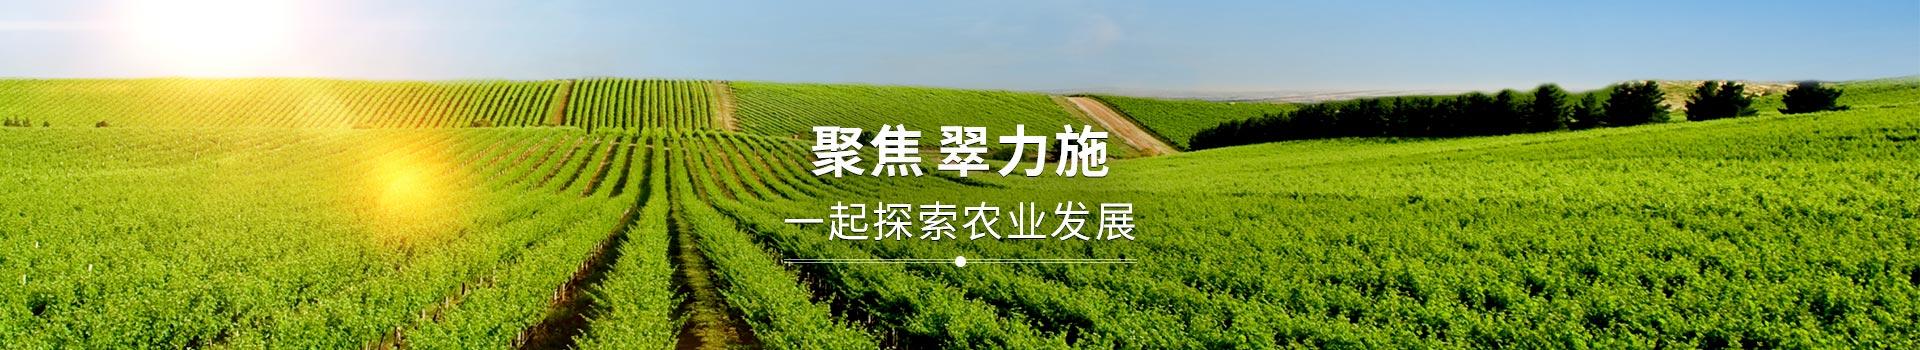 聚焦翠力施,一起探索农业发展